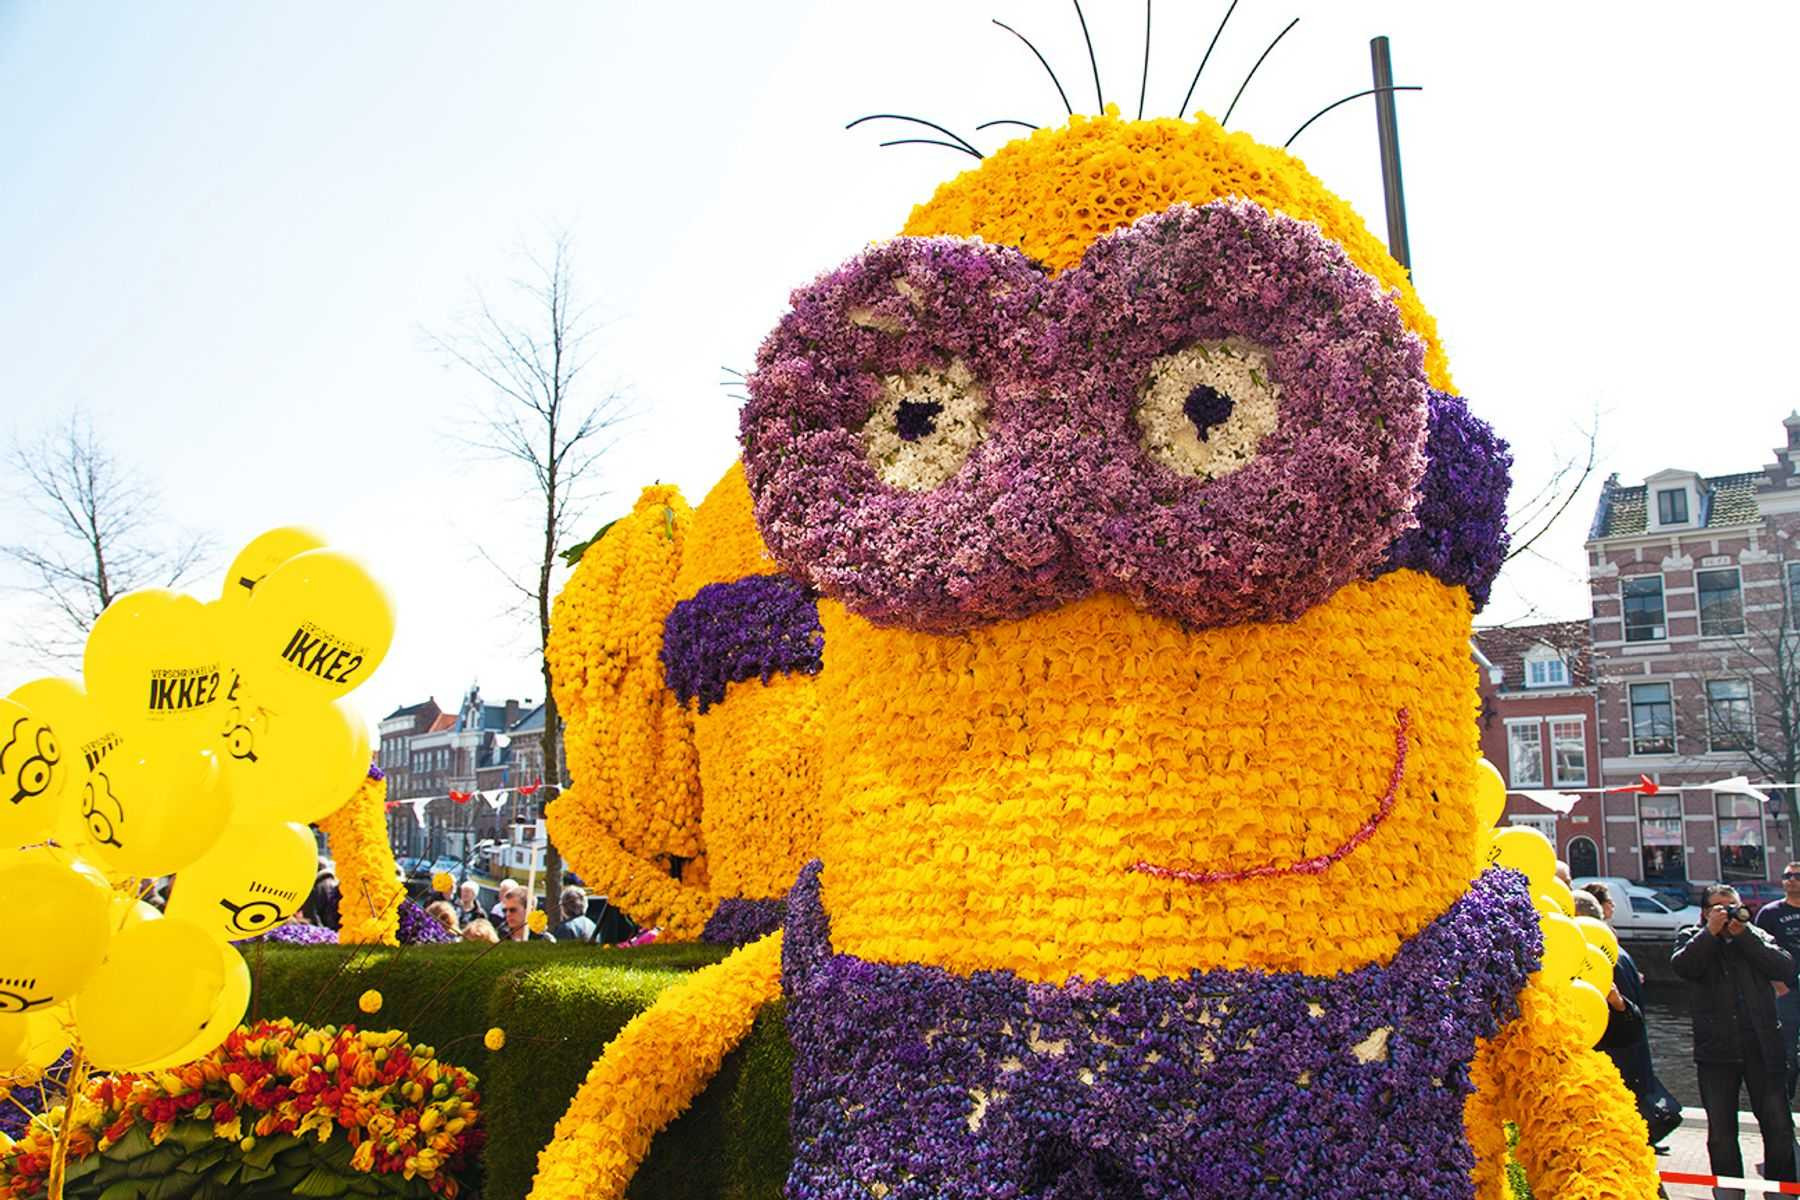 Tik kartą metuose – jurginų skulptūrų paradas Olandijoje! Nepamirštama 6 dienų pažintinė kelionė autobusu!